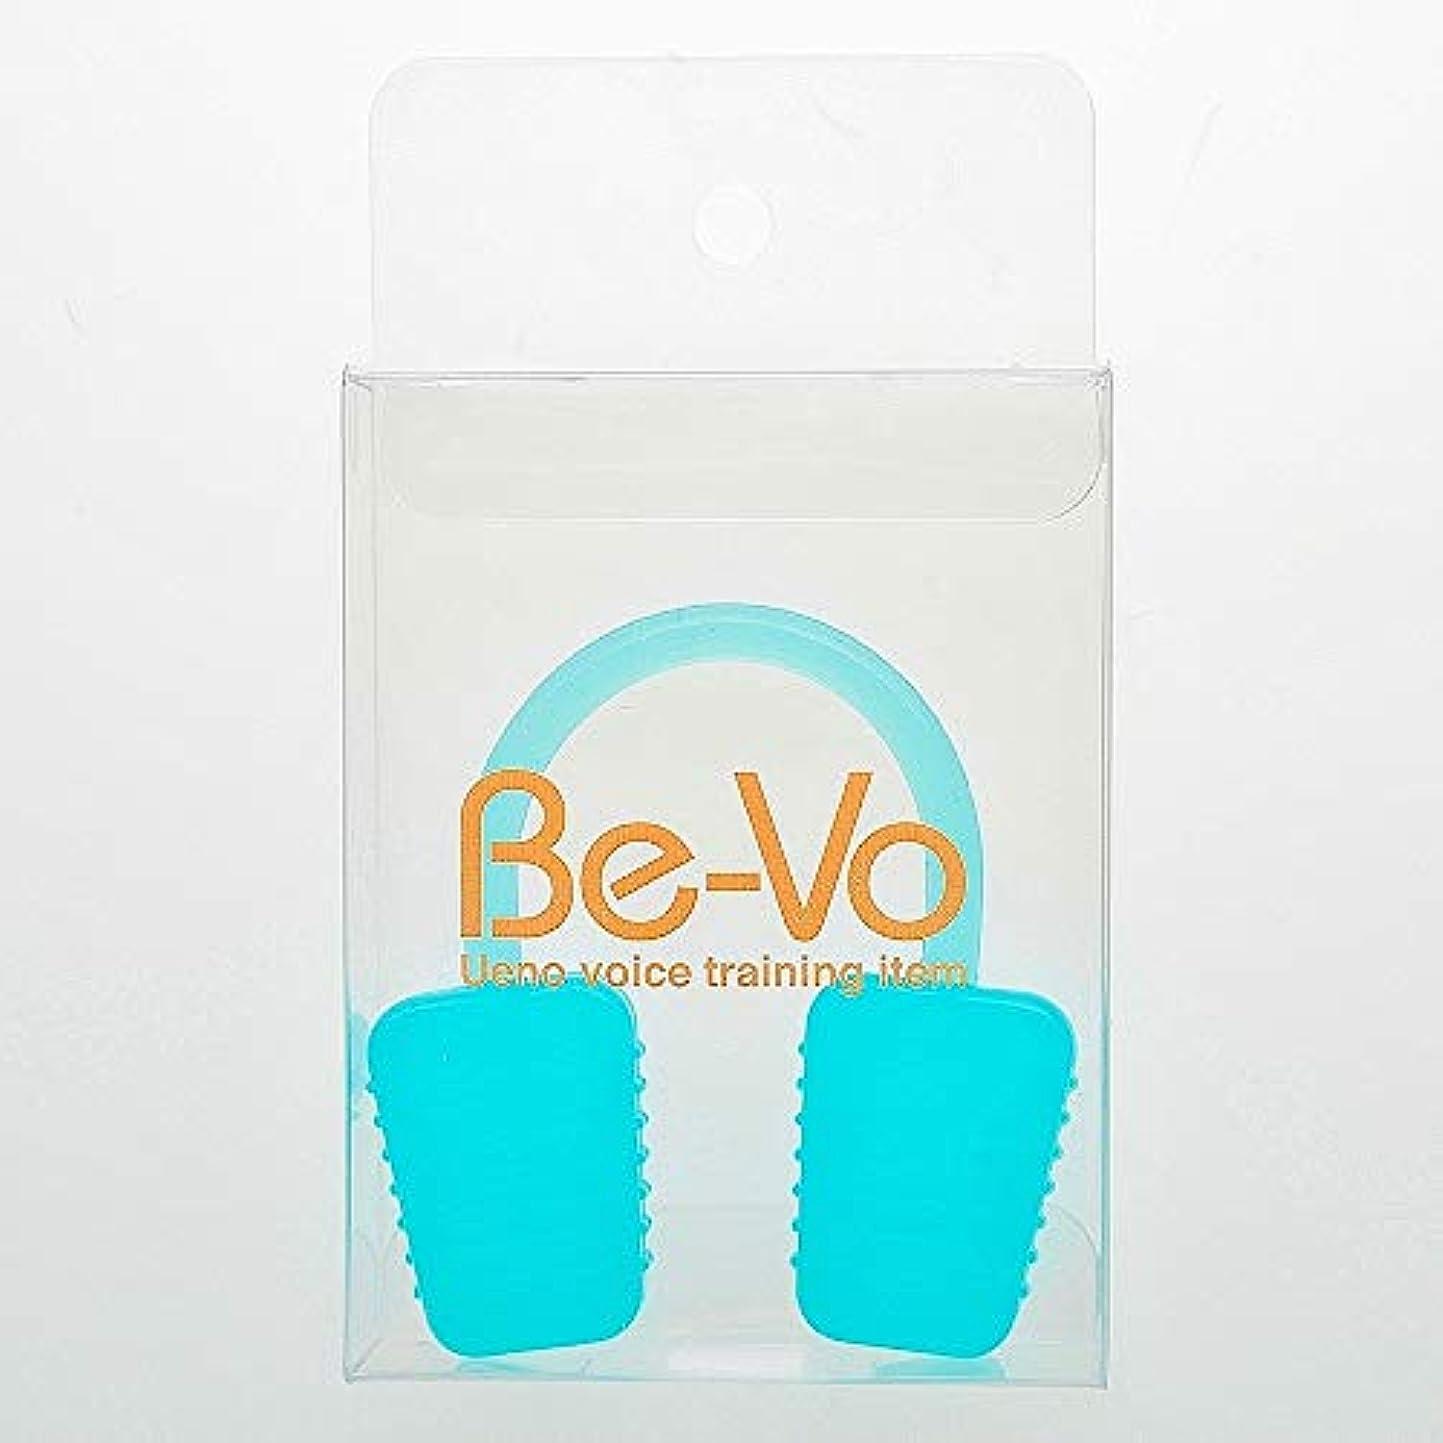 言及する反射正午Be-Vo (ビーボ) ボイストレーニング器具 自宅で簡単ボイトレグッズ (ブルー)